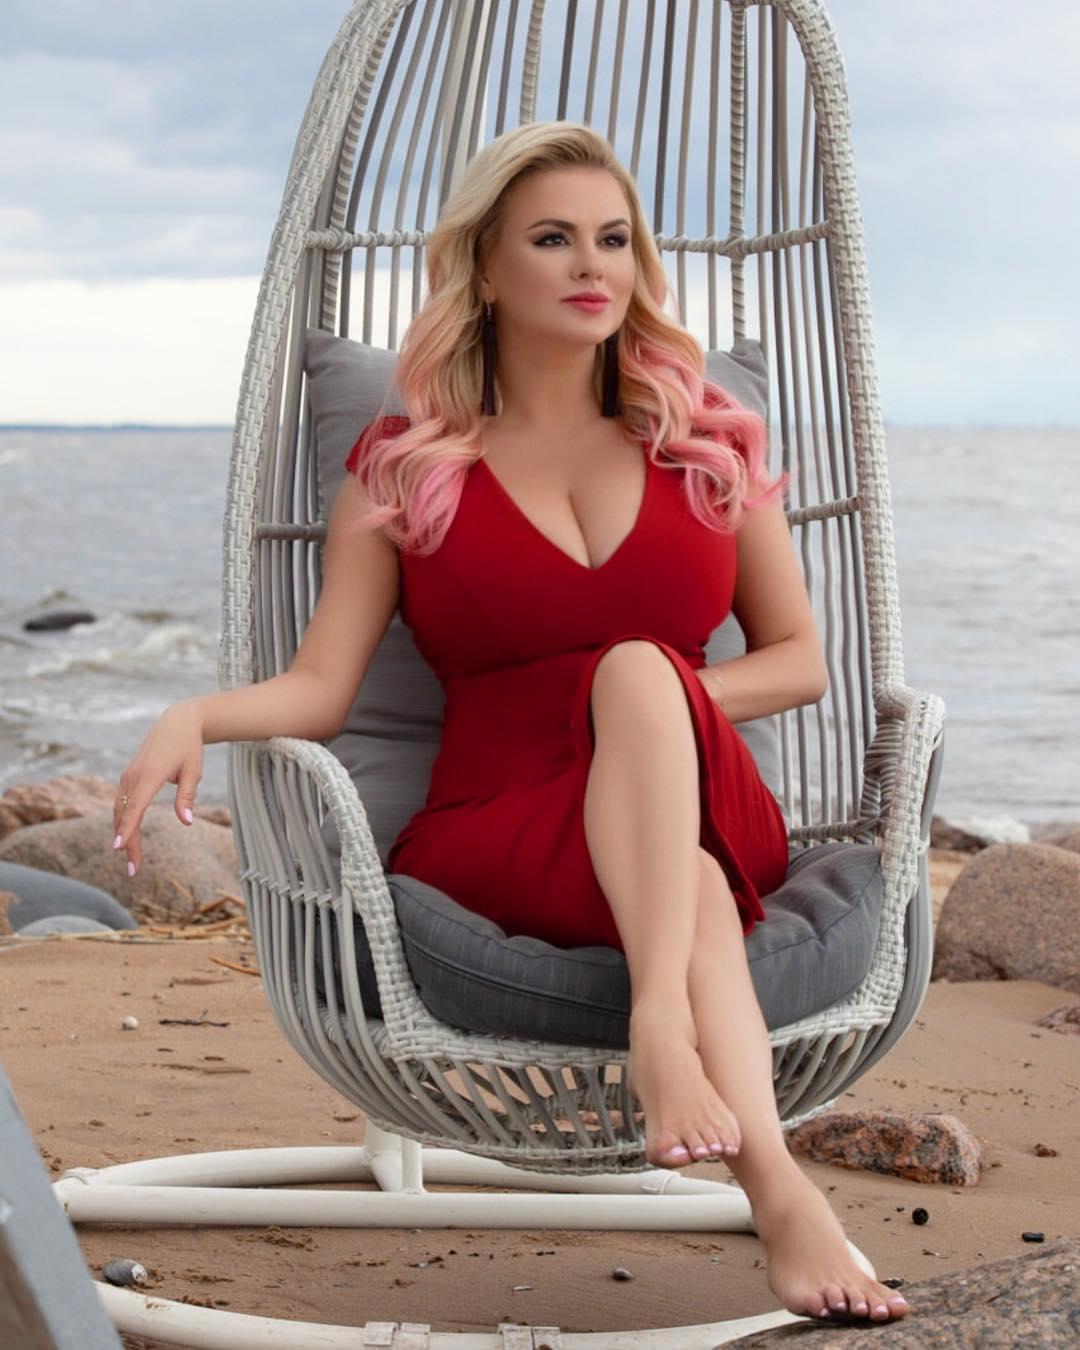 Анна Семенович позировала в платье с глубоким вырезом